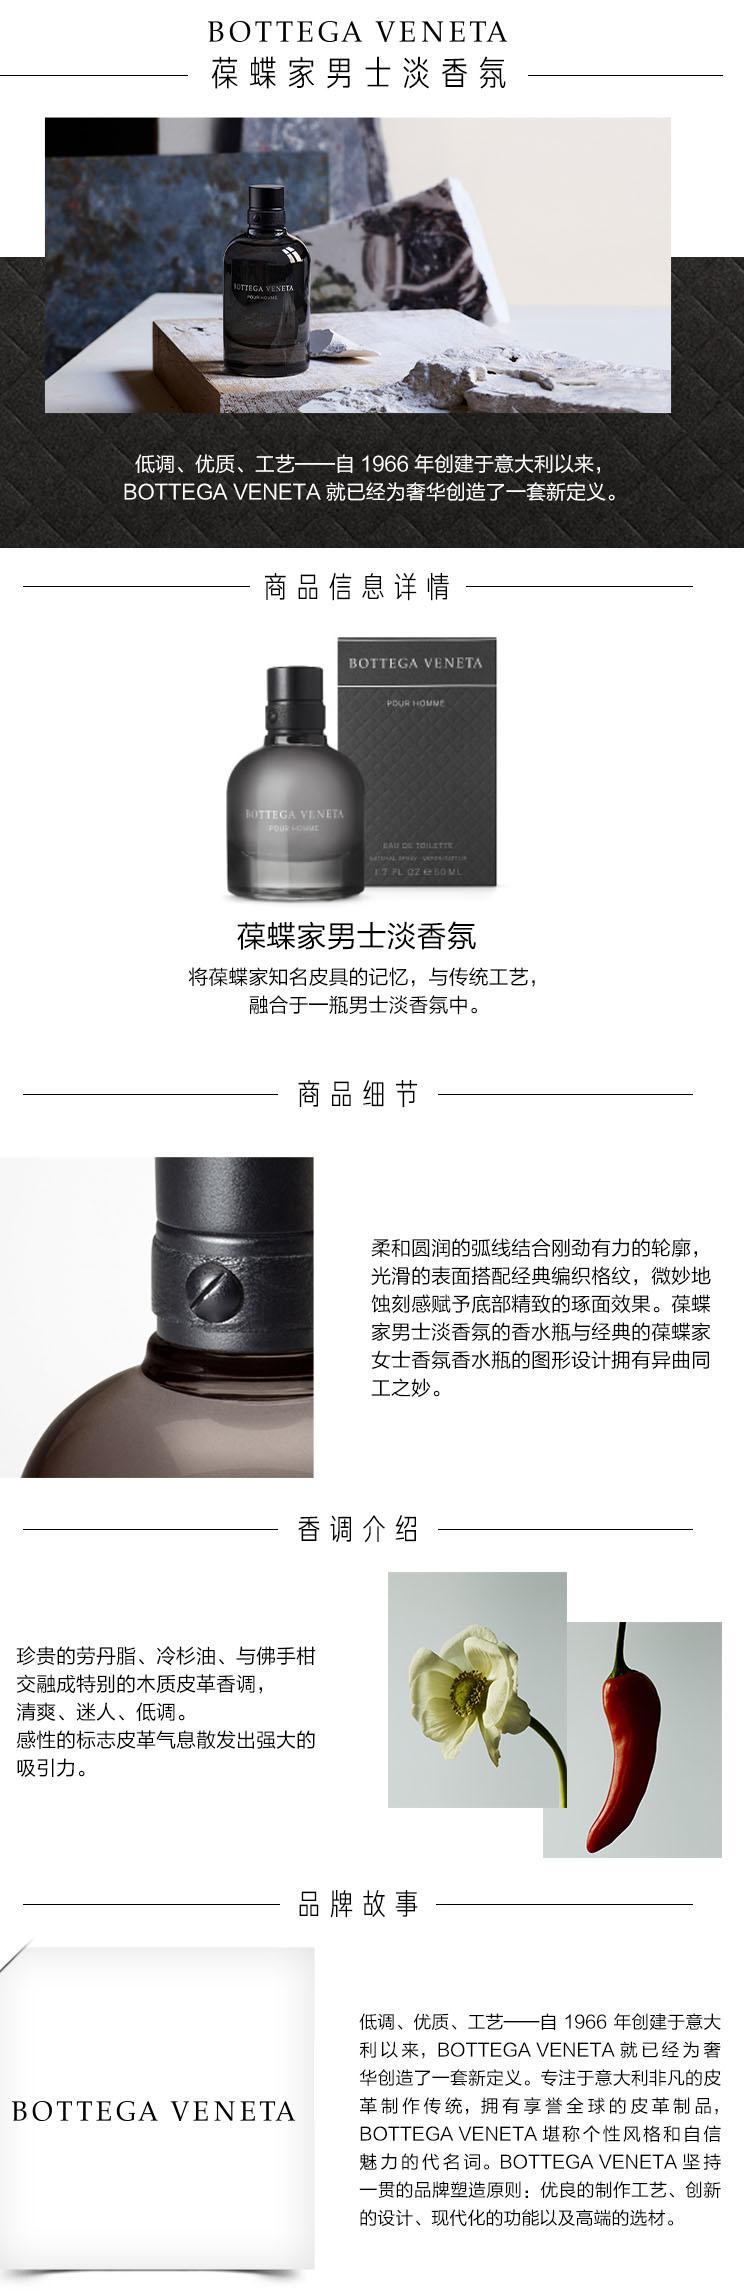 【上新】Bottega Veneta_葆蝶家男士香水淡香氛-tmall.com天猫.jpg